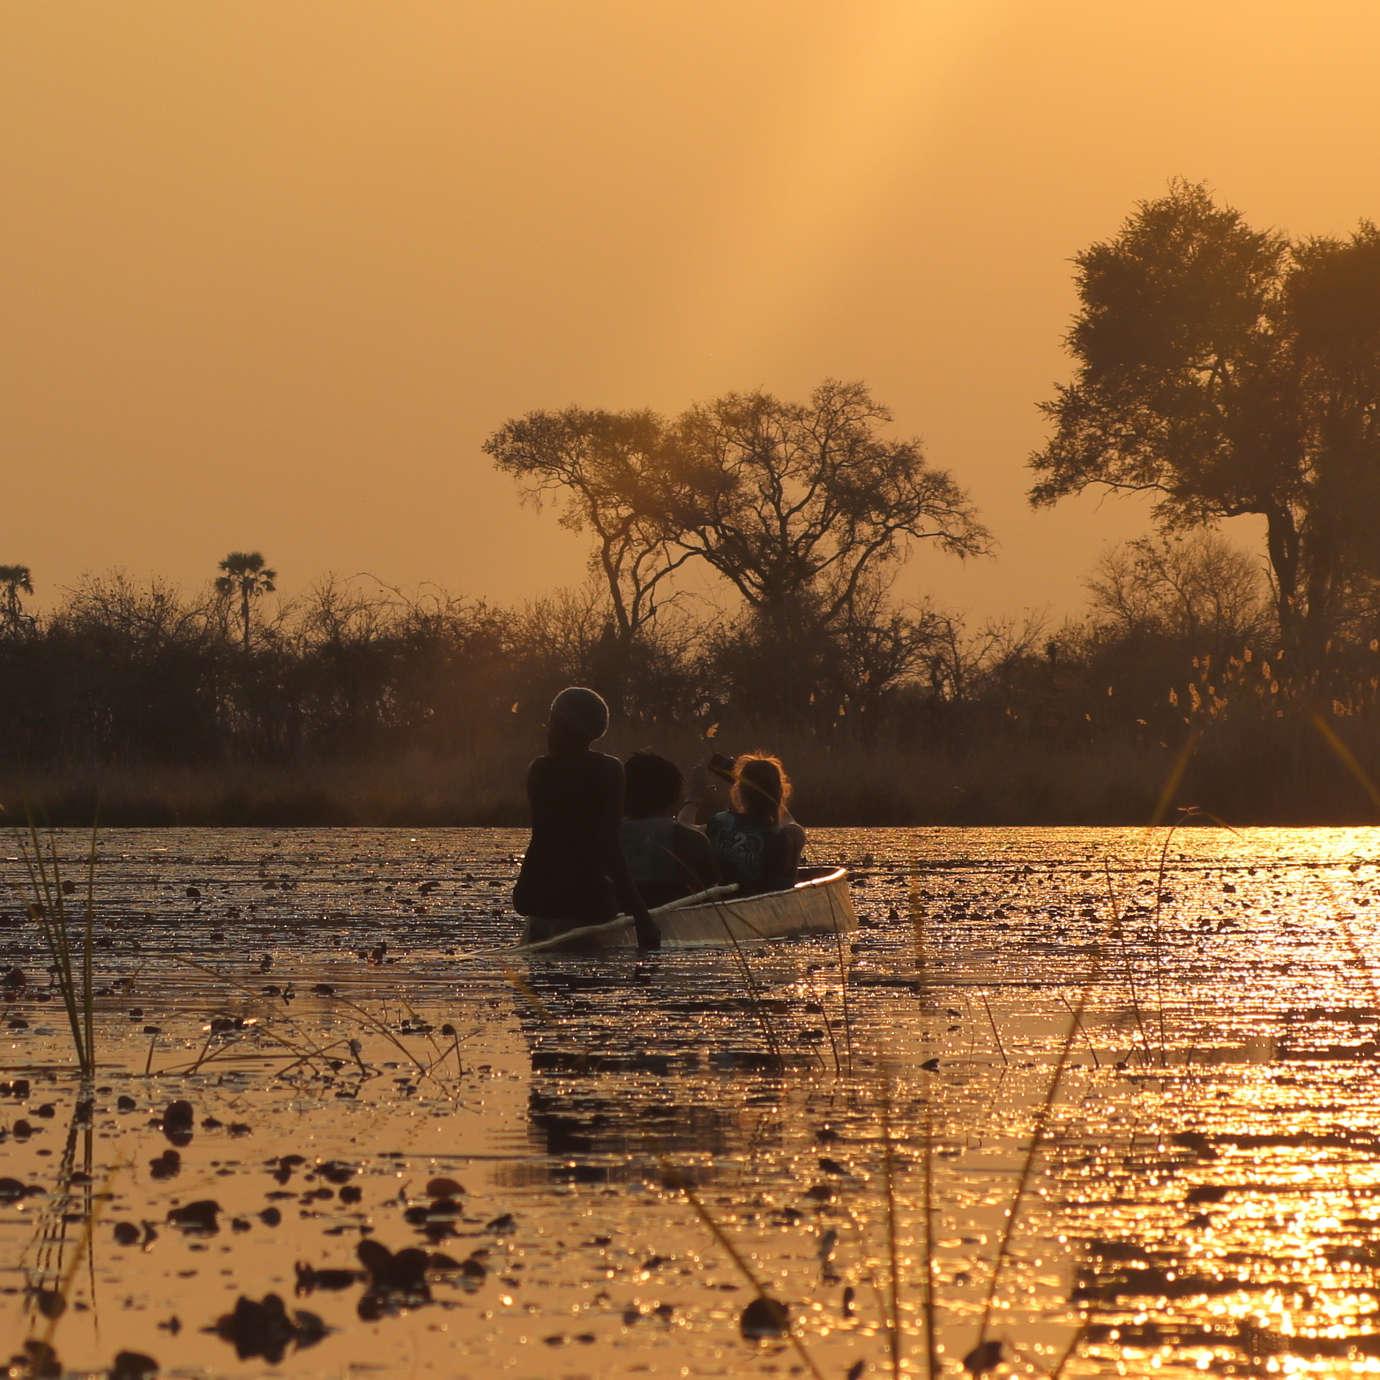 Custom-Travel-Planner-Network-1-Botswana-mokoro-in-the-Okavango-Delta